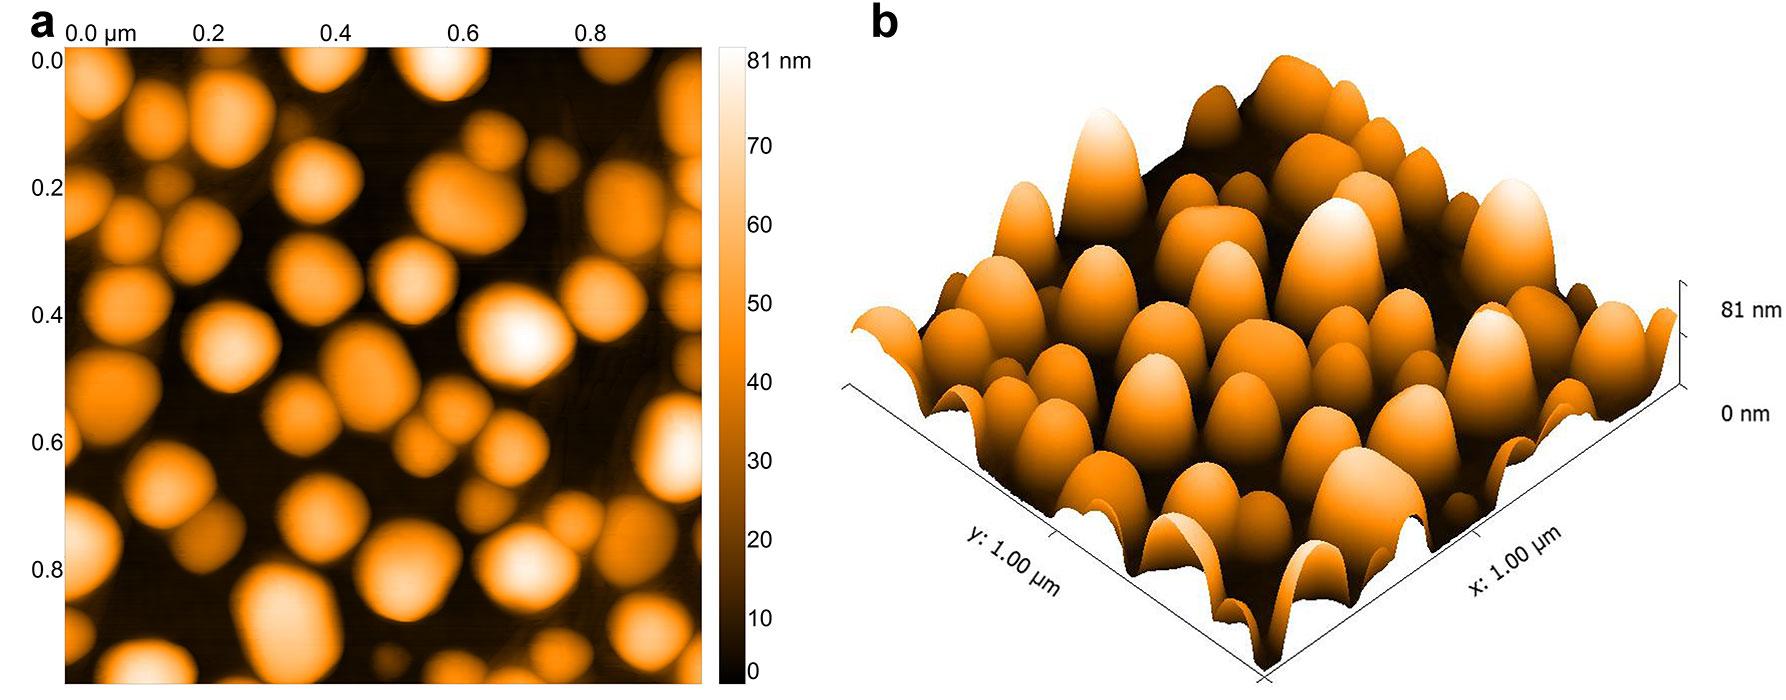 AFM images of LSPR gold nanochips